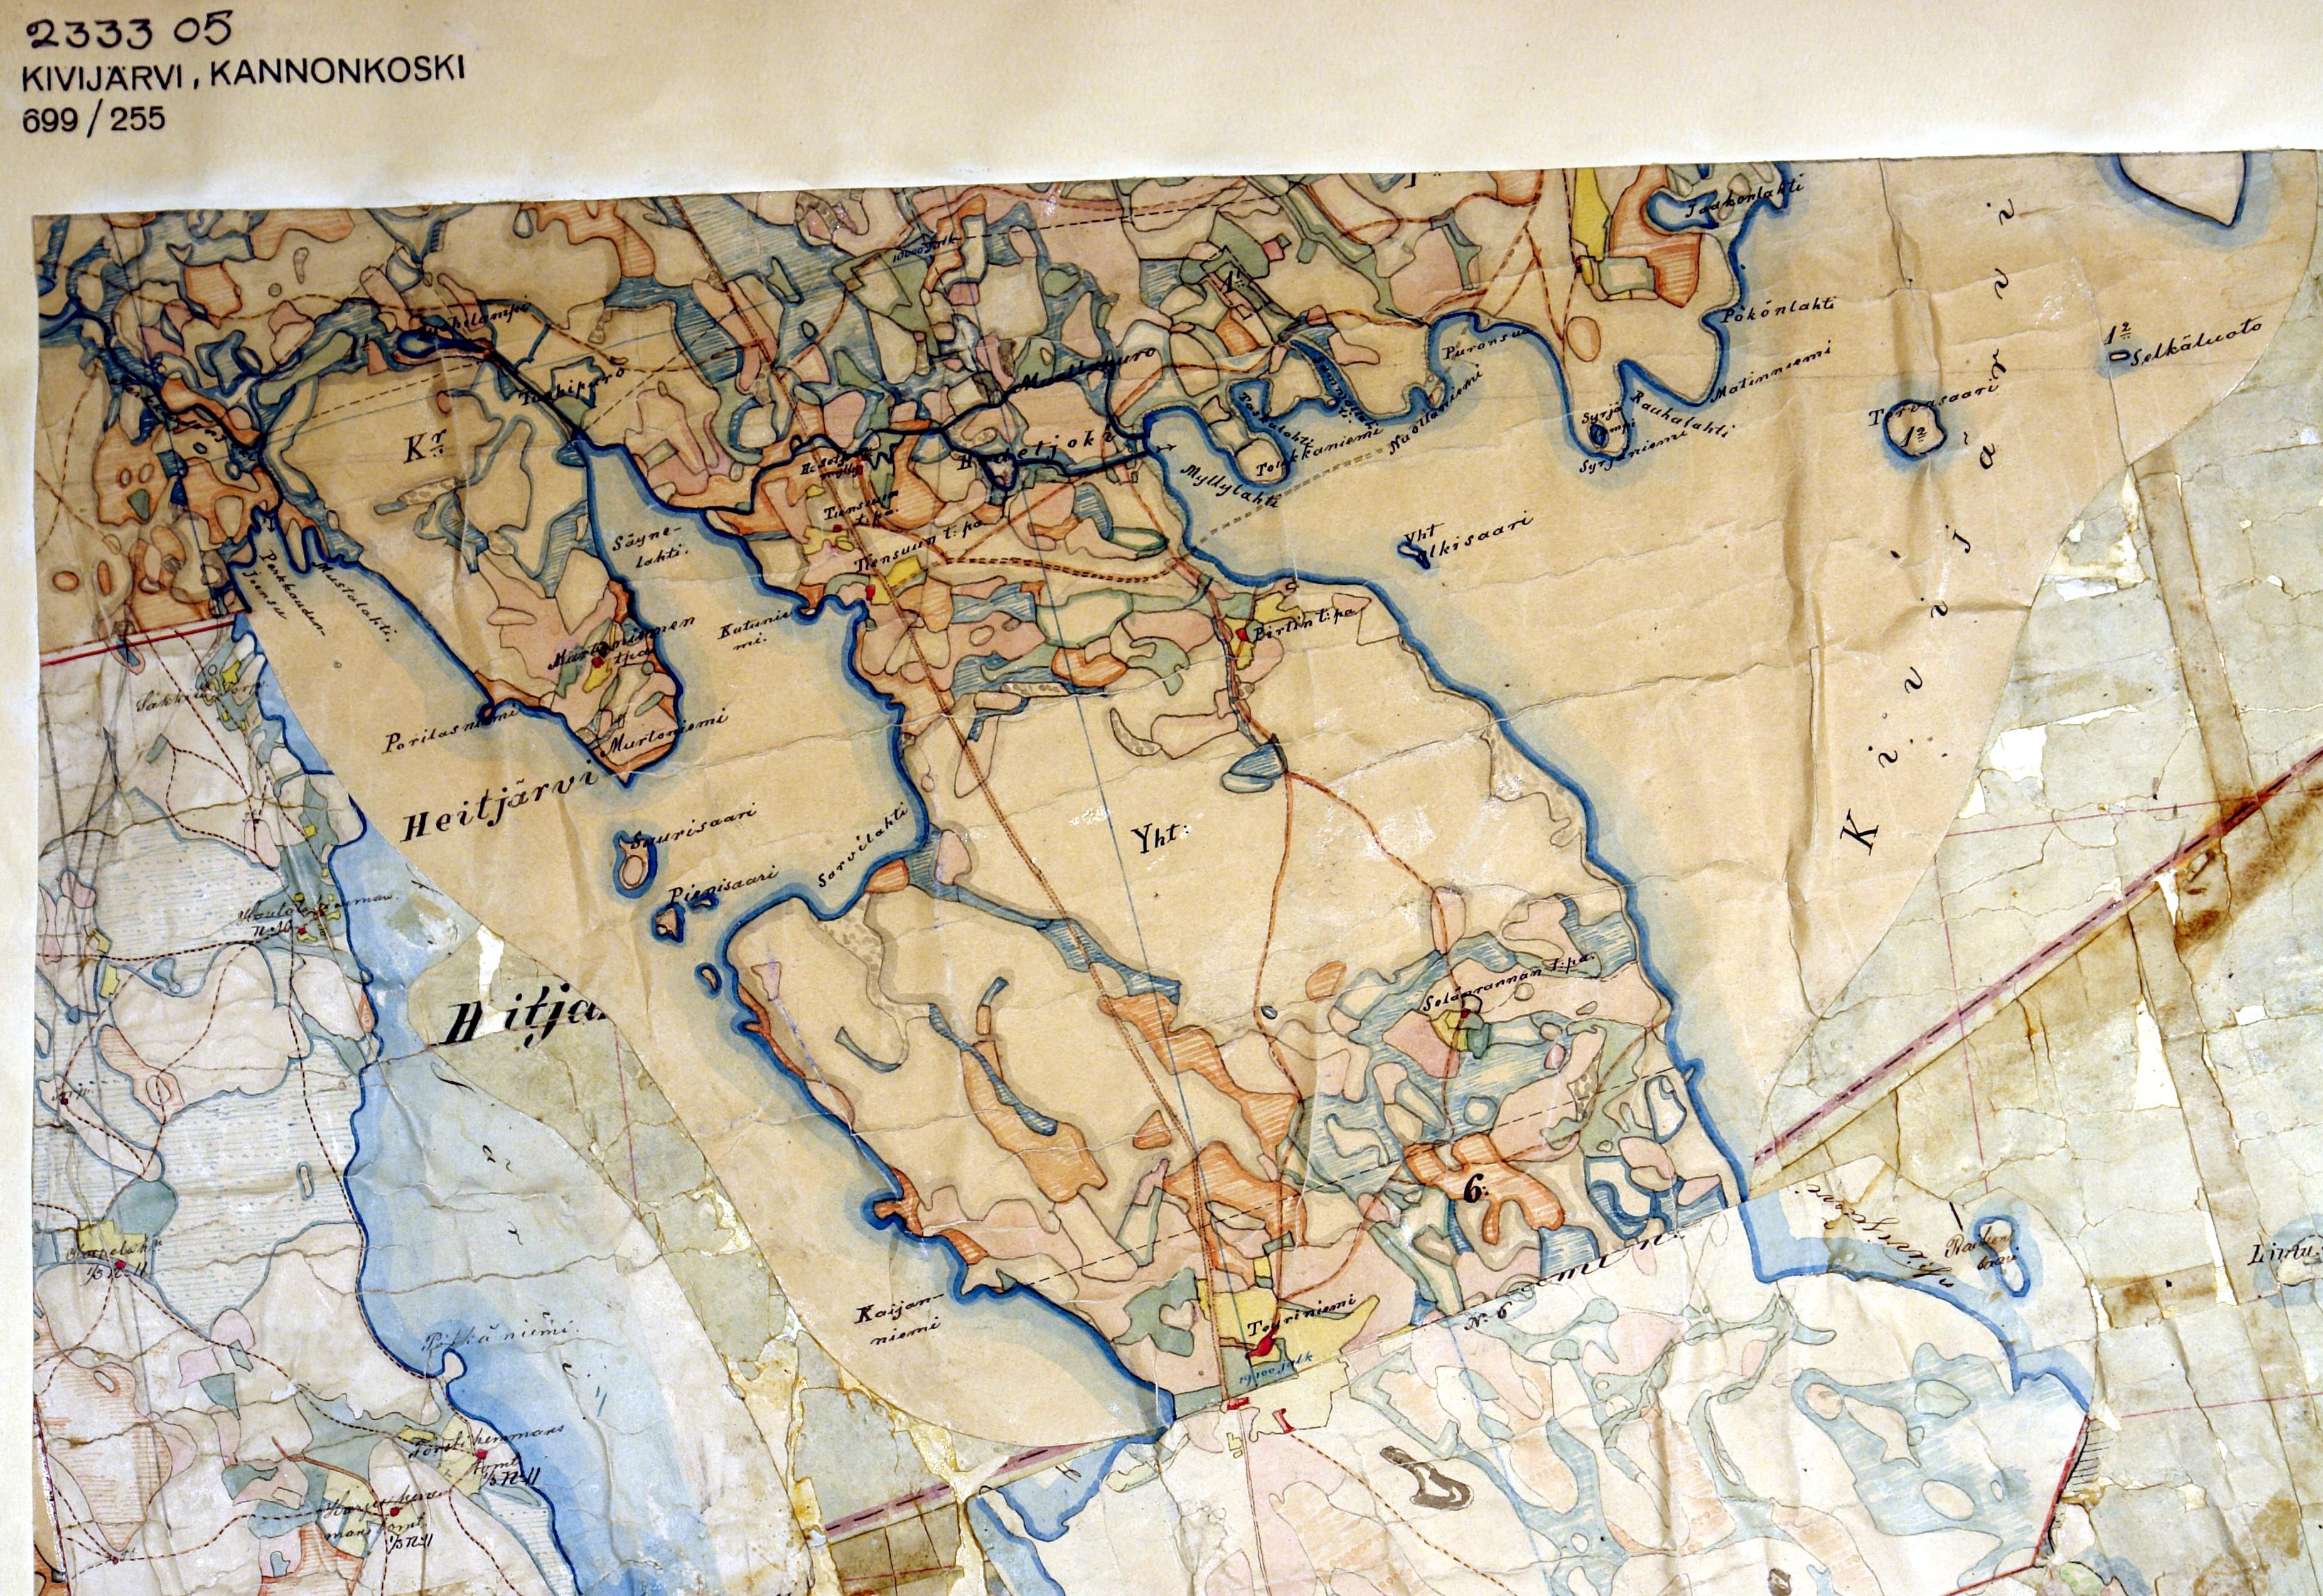 Historialliset Kartat Kannonkosken Kunta